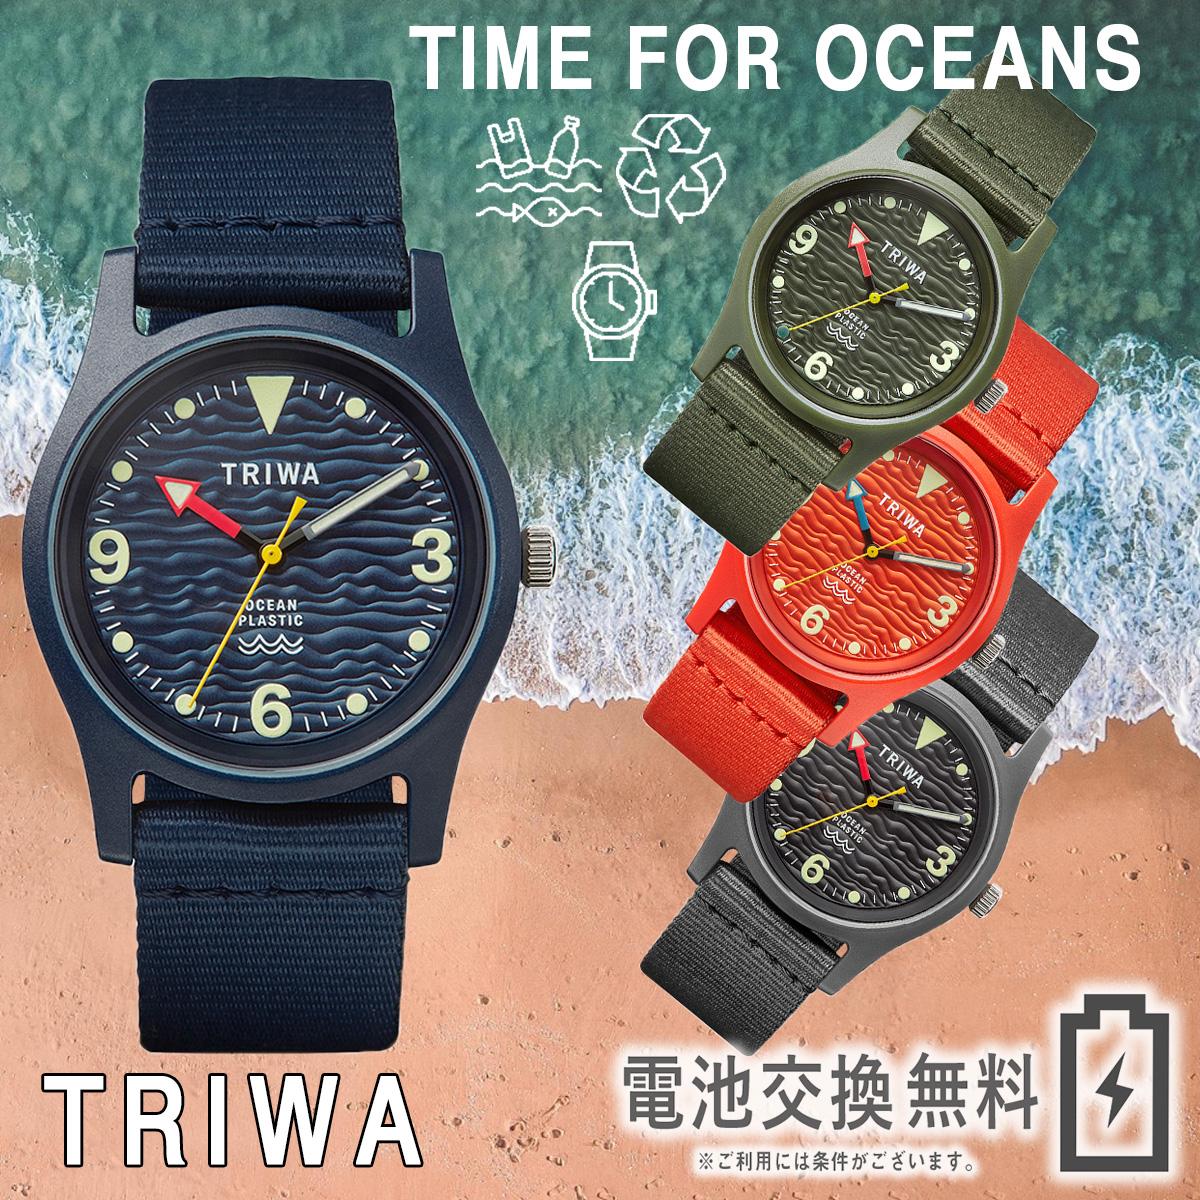 【ラッピング無料】TRIWA メンズ レディース 腕時計 トリワ タイムフォーオーシャンズ OCEAN PLASTIC リサイクルプラスチック ユニセックス ボーイズサイズ アナログ 防水 男性用 女性用